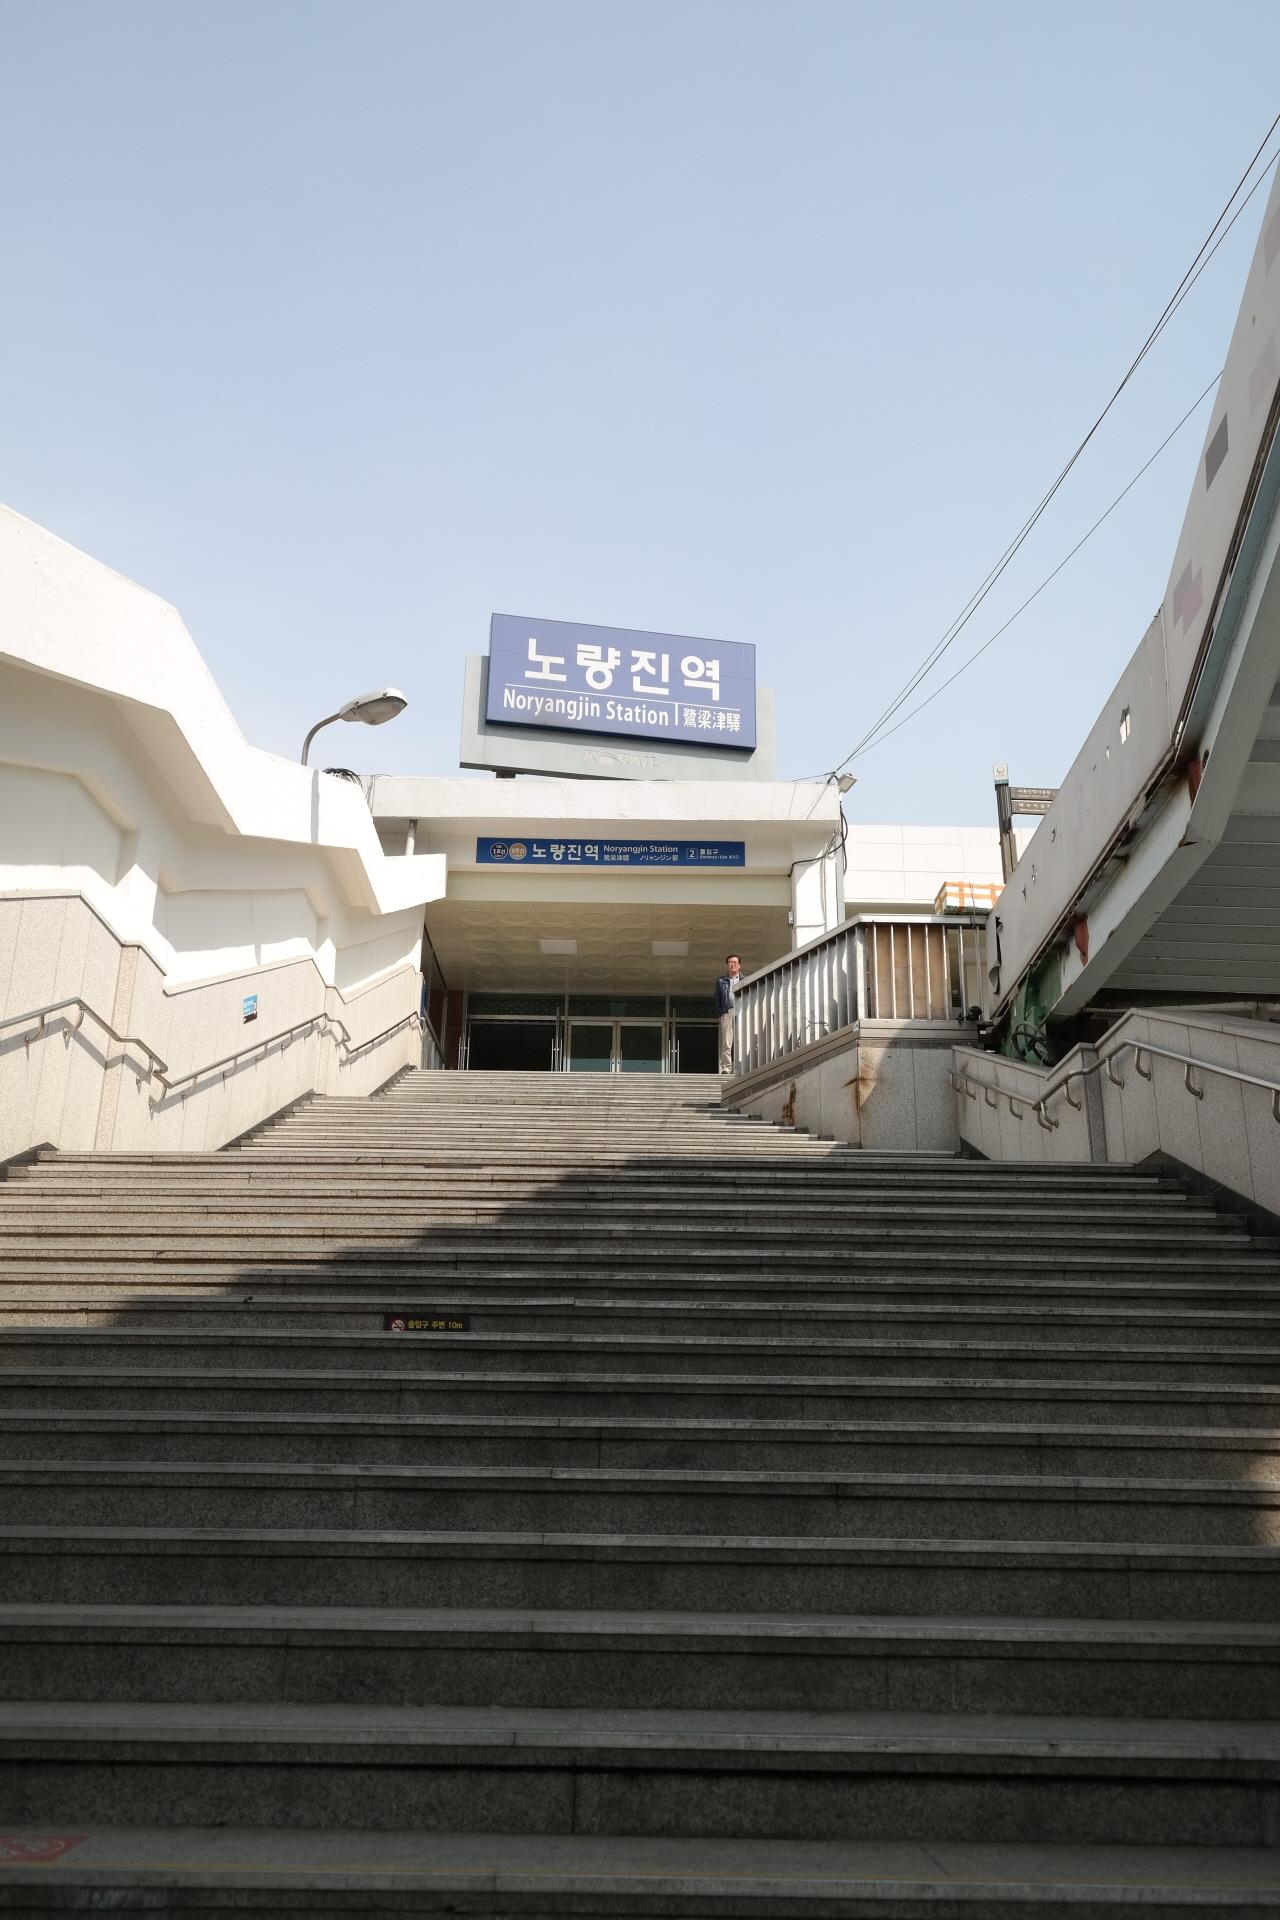 계속 올라가다 보면 빛이 보일까 지난 3월 23일 오후 서울 지하철 1호선 노량진역사와 연결된 계단이 몹시 한산하다.